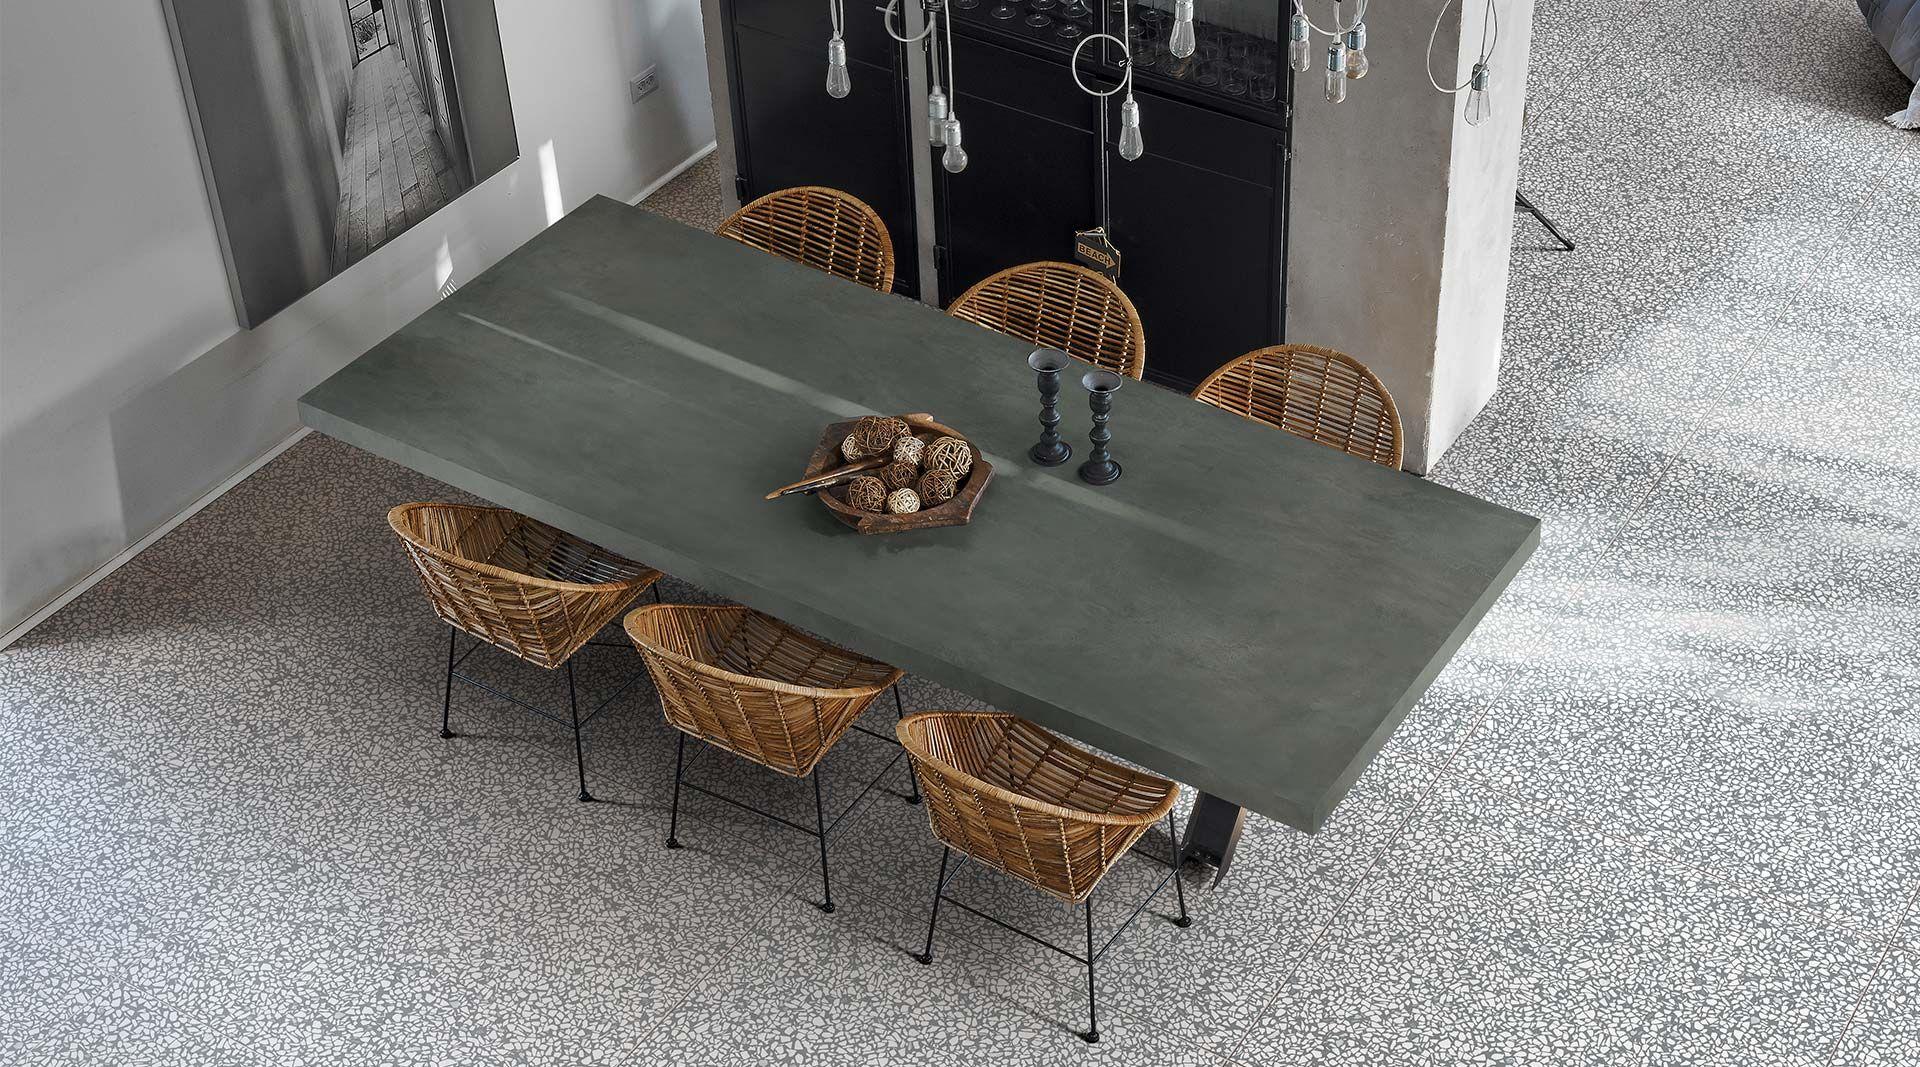 Piano Cucina Gres Opinioni tavoli in gres porcellanato | florim ceramiche s.p.a.